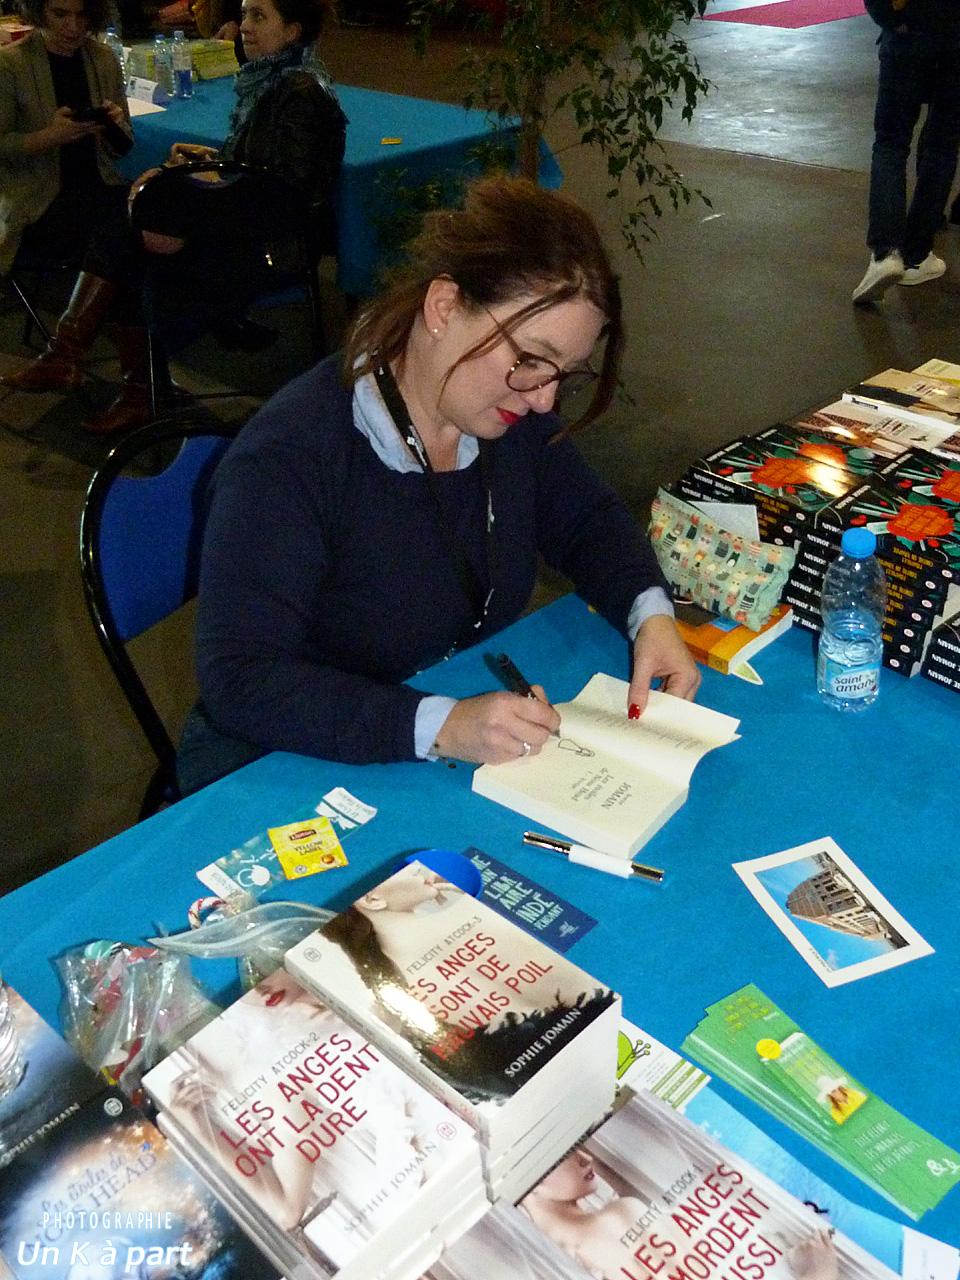 Festival du livre romantique Sophie Jomain dédicace